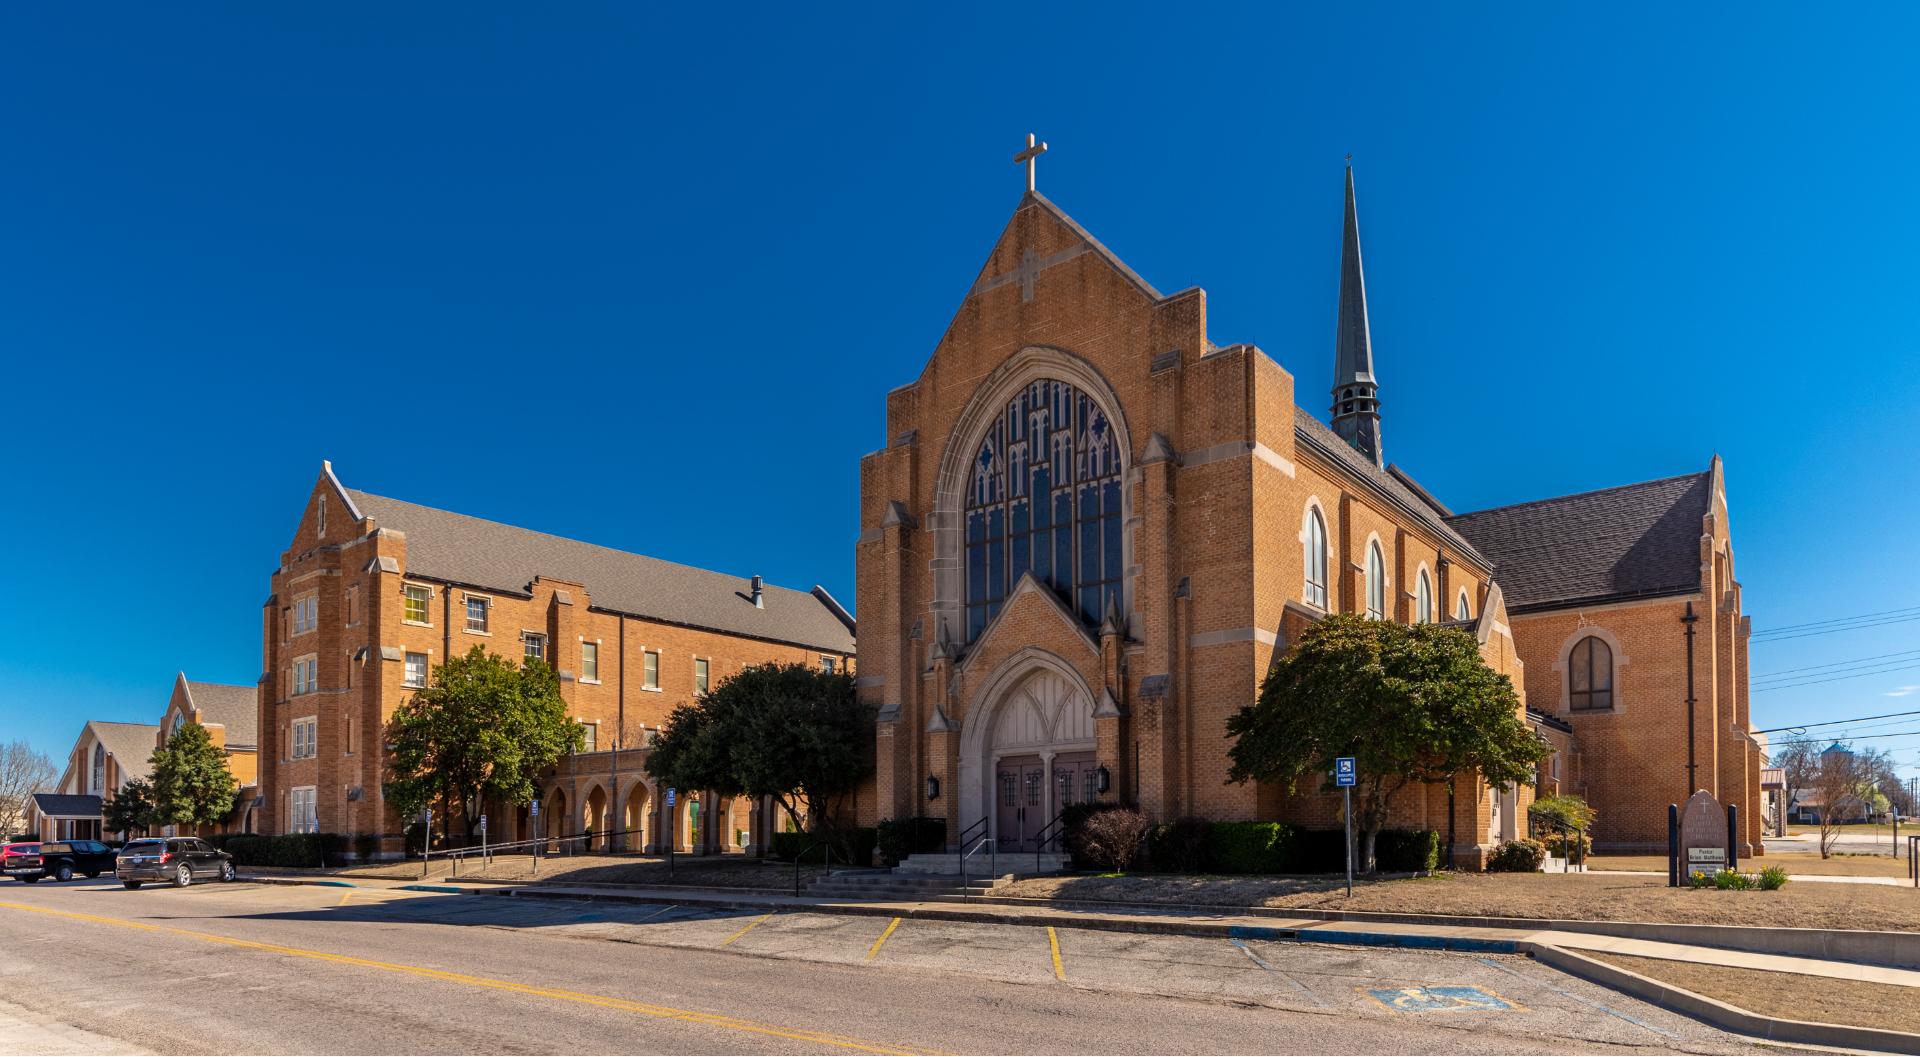 ADA church